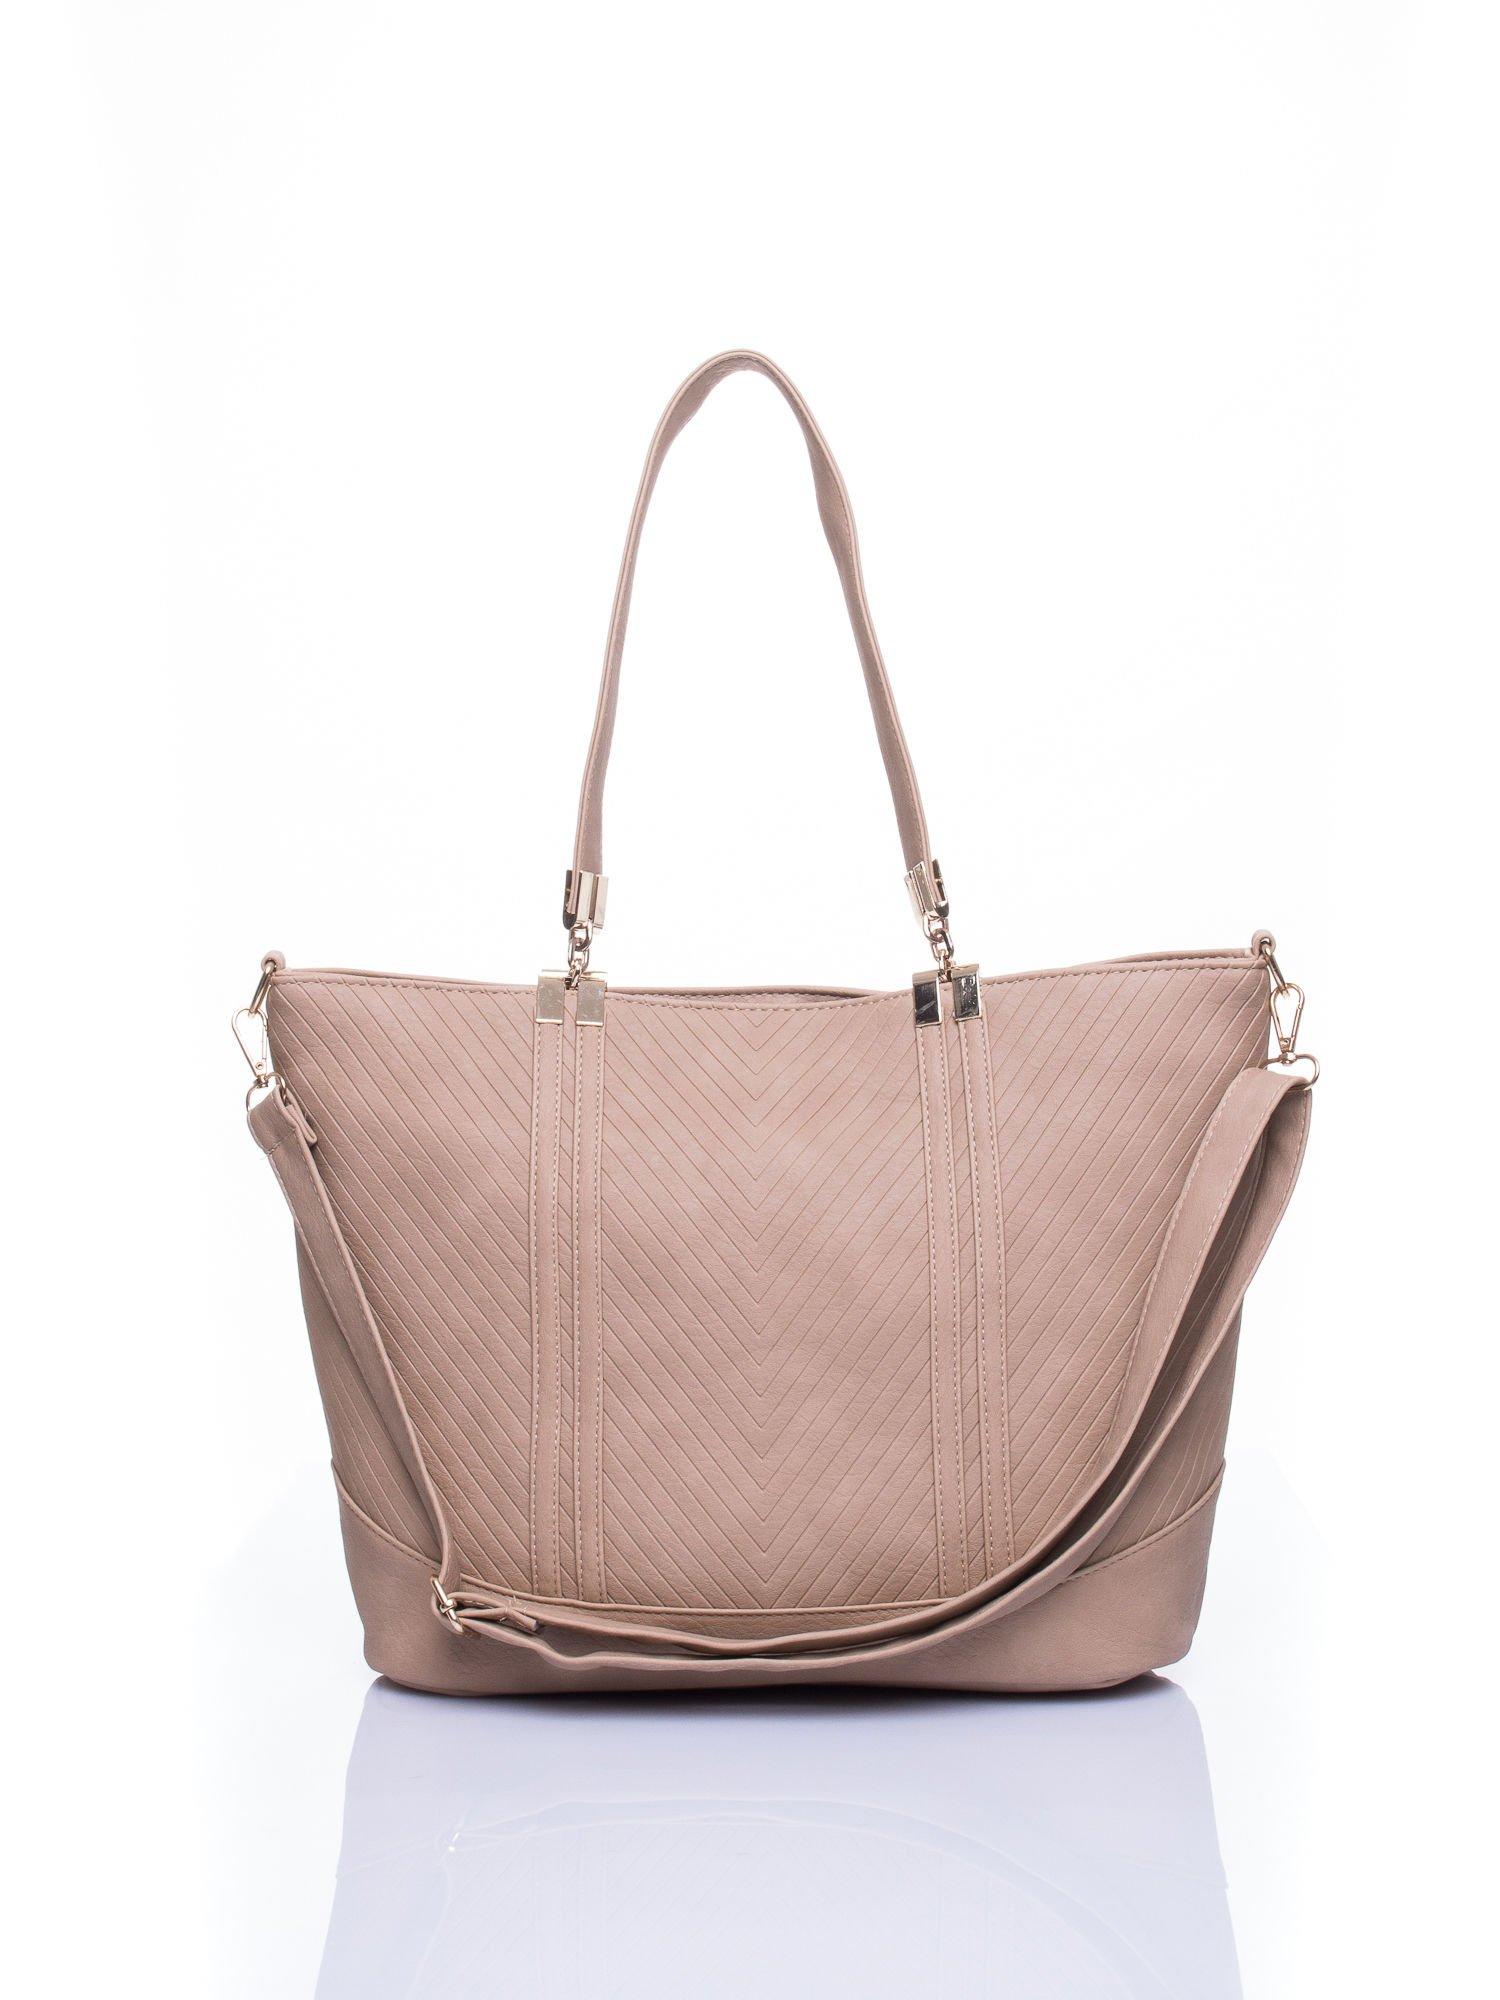 Beżowa fakturowana torebka damska ze złotymi okuciami                                  zdj.                                  2